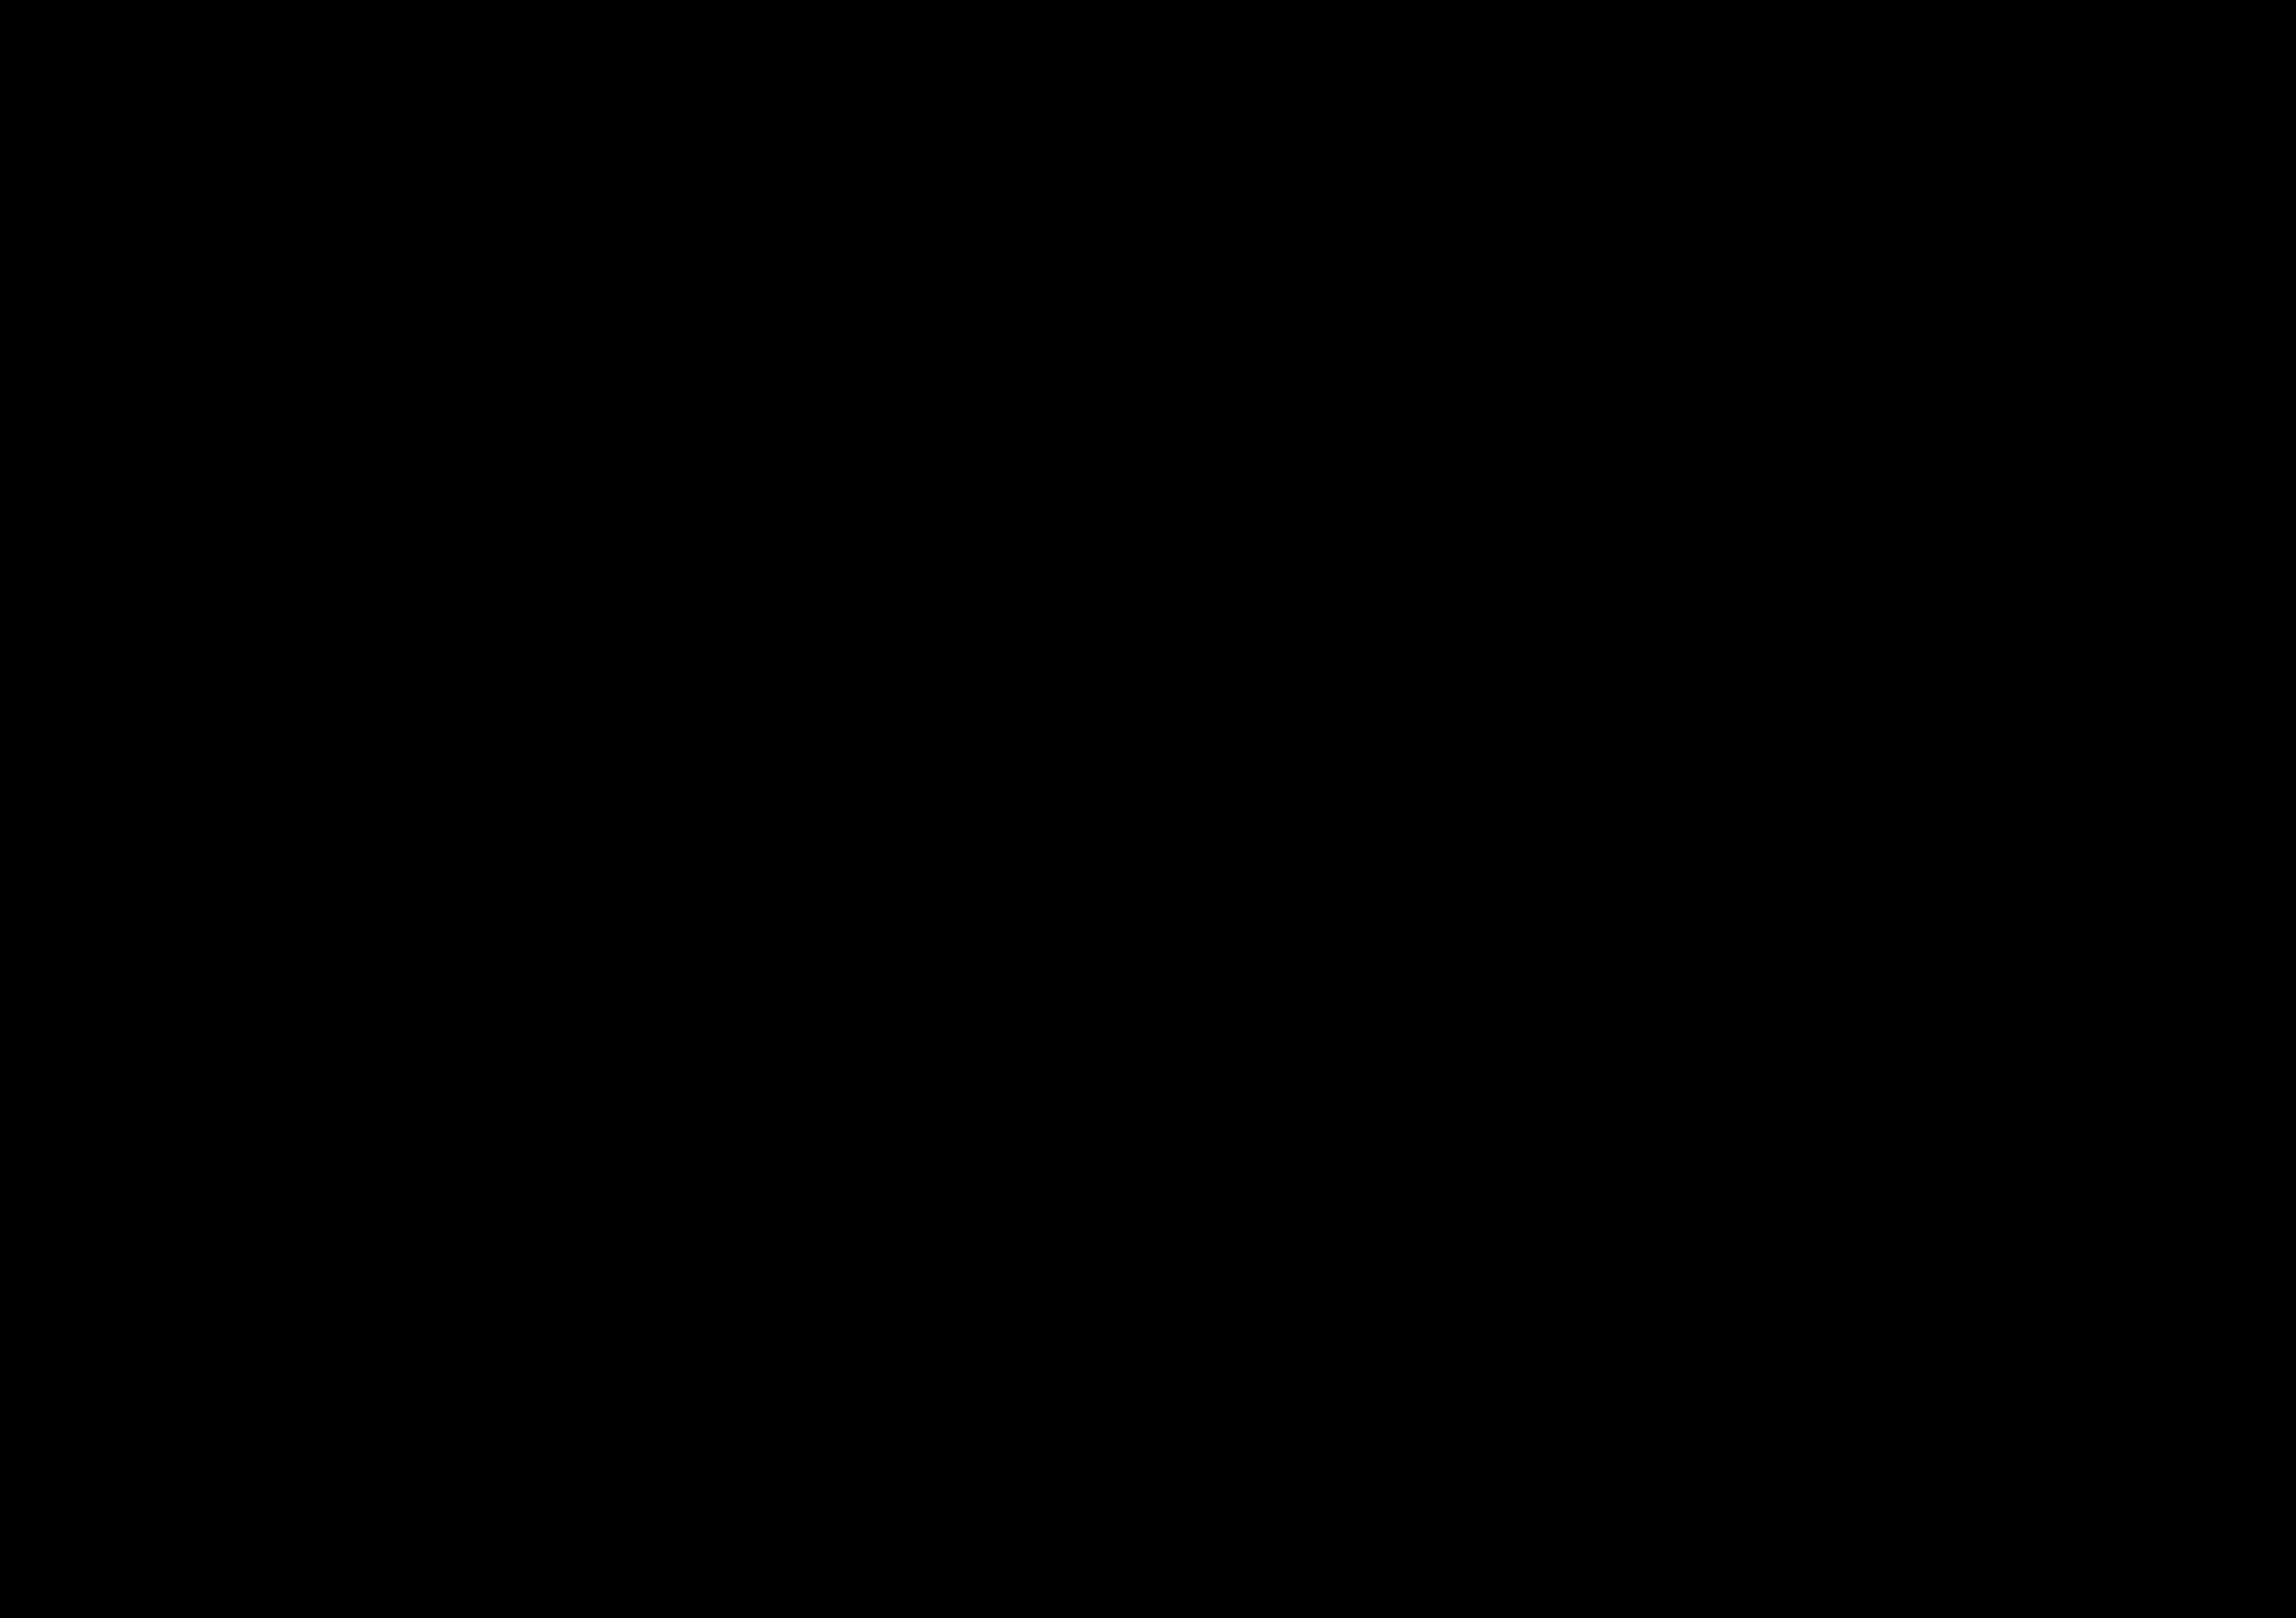 Branding Logos Kvl